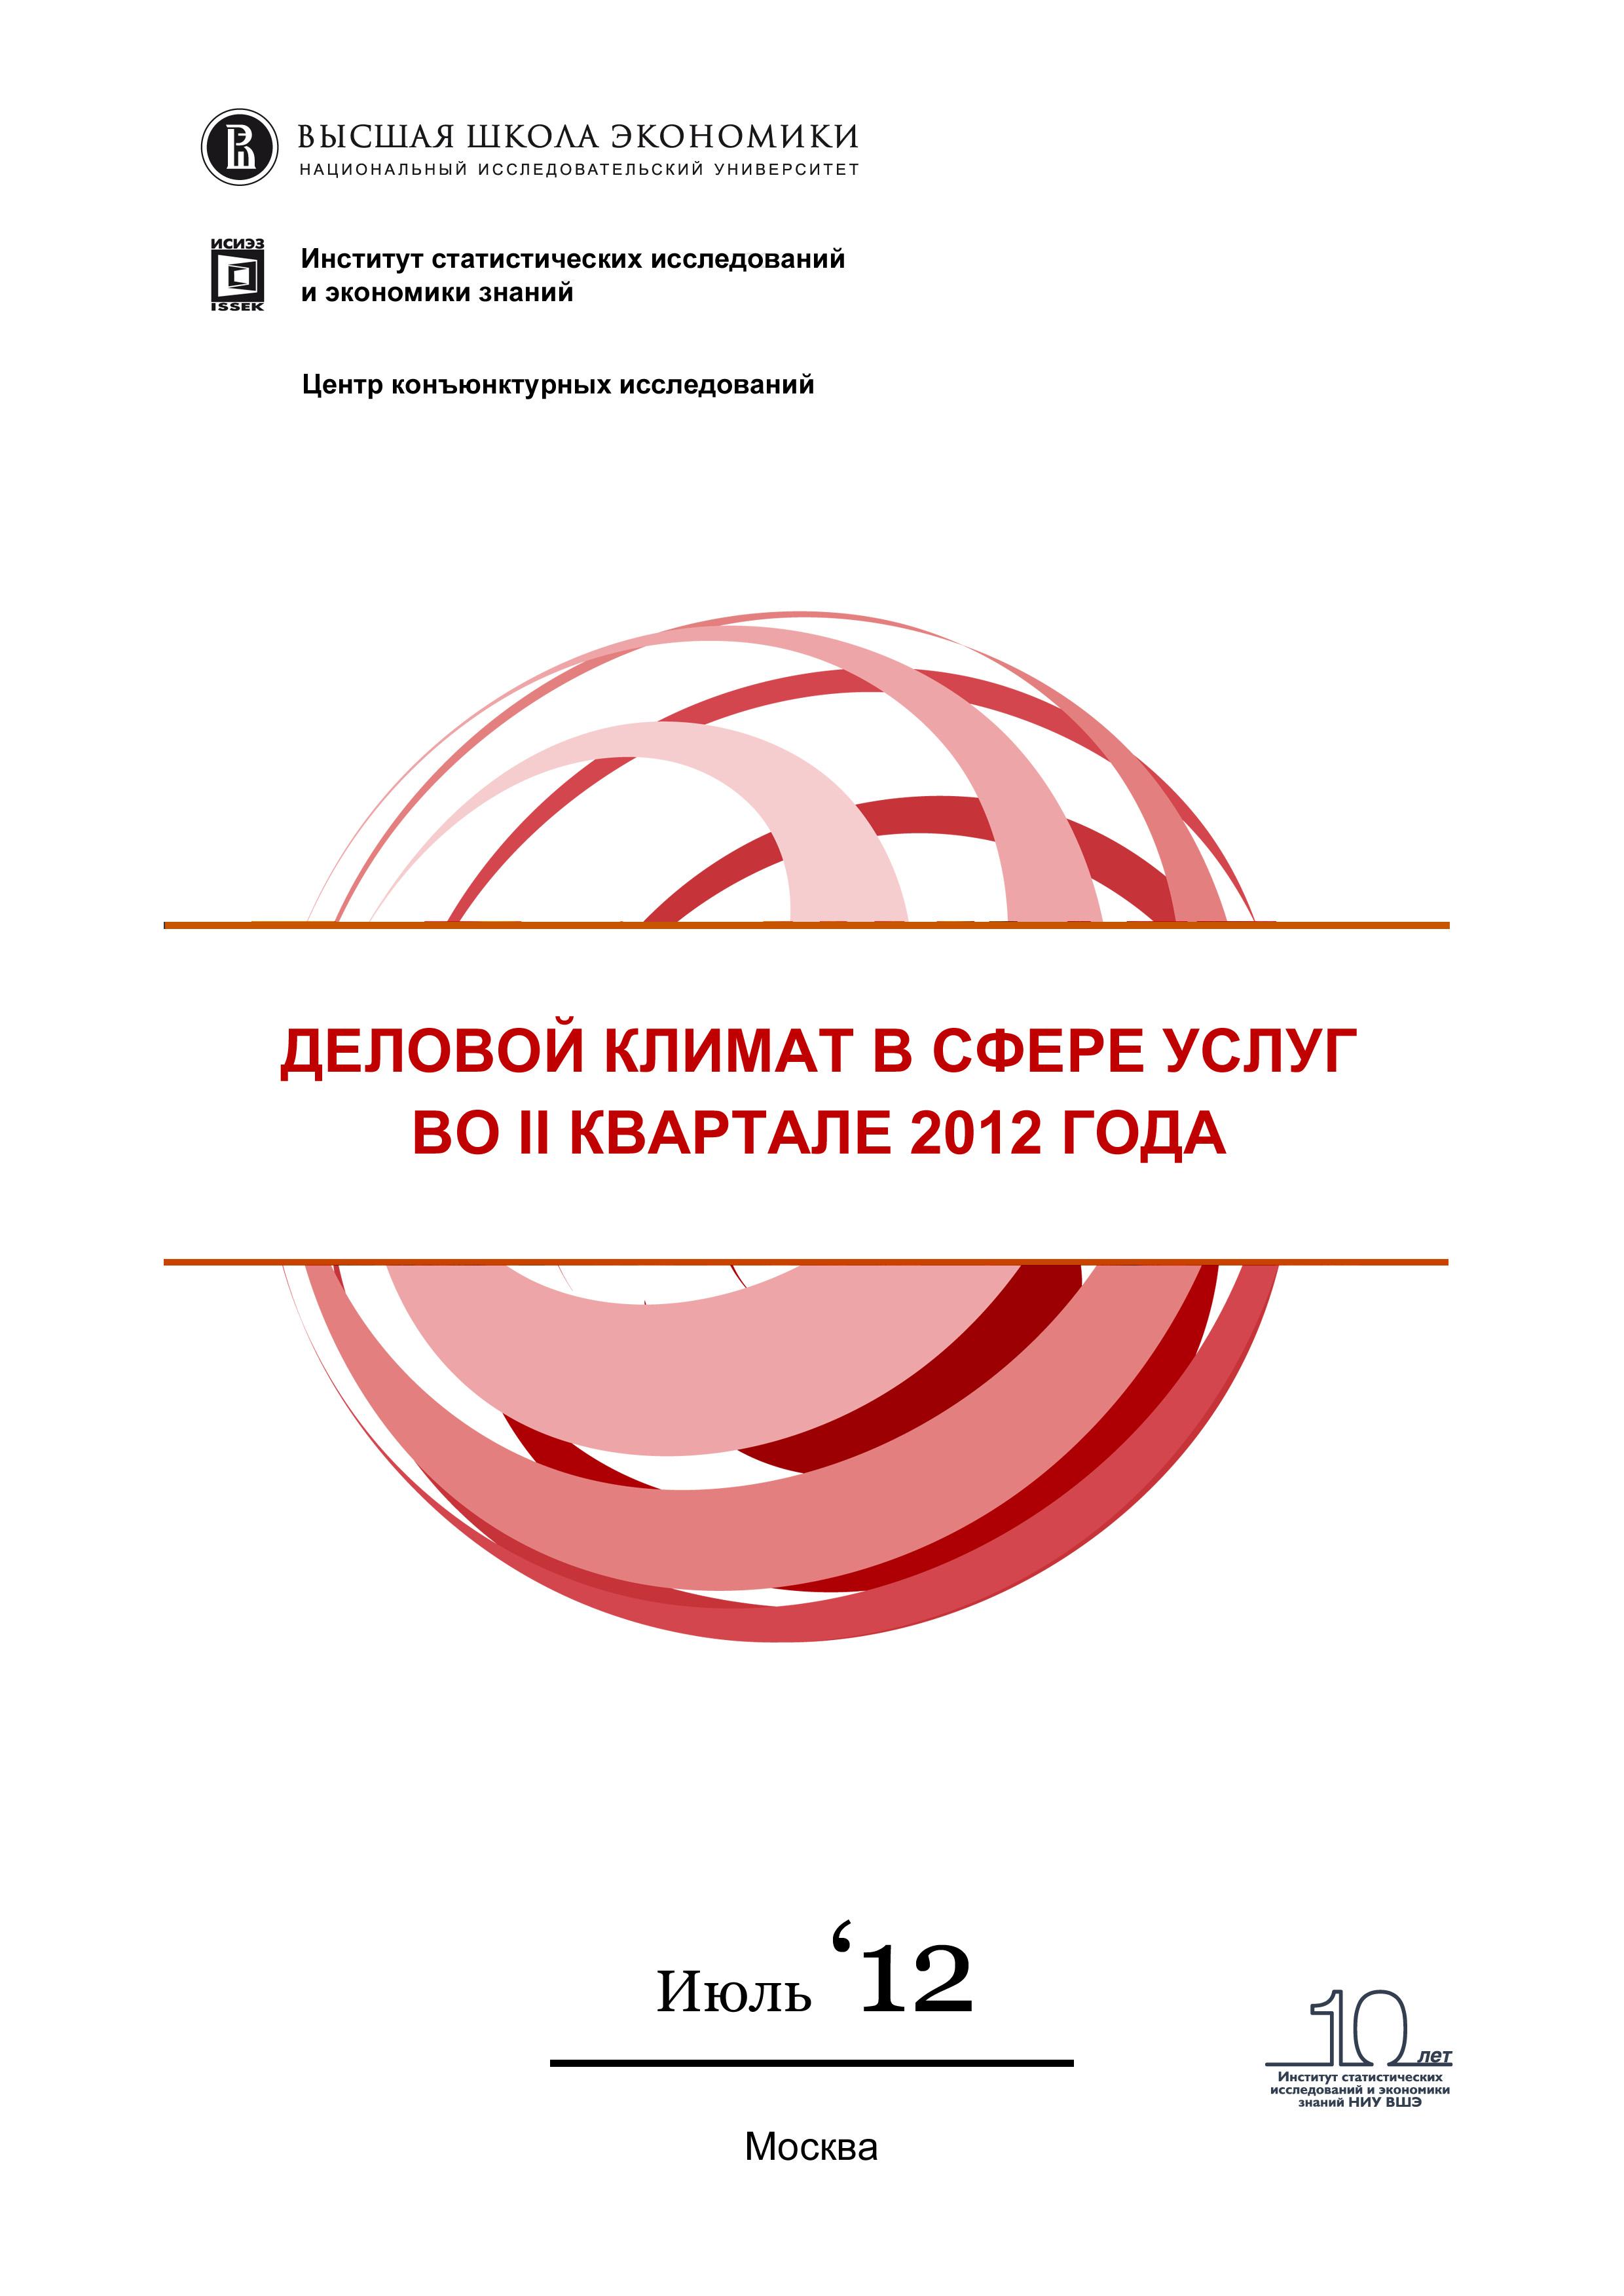 Деловой климат в сфере услуг во II квартале 2012 г.